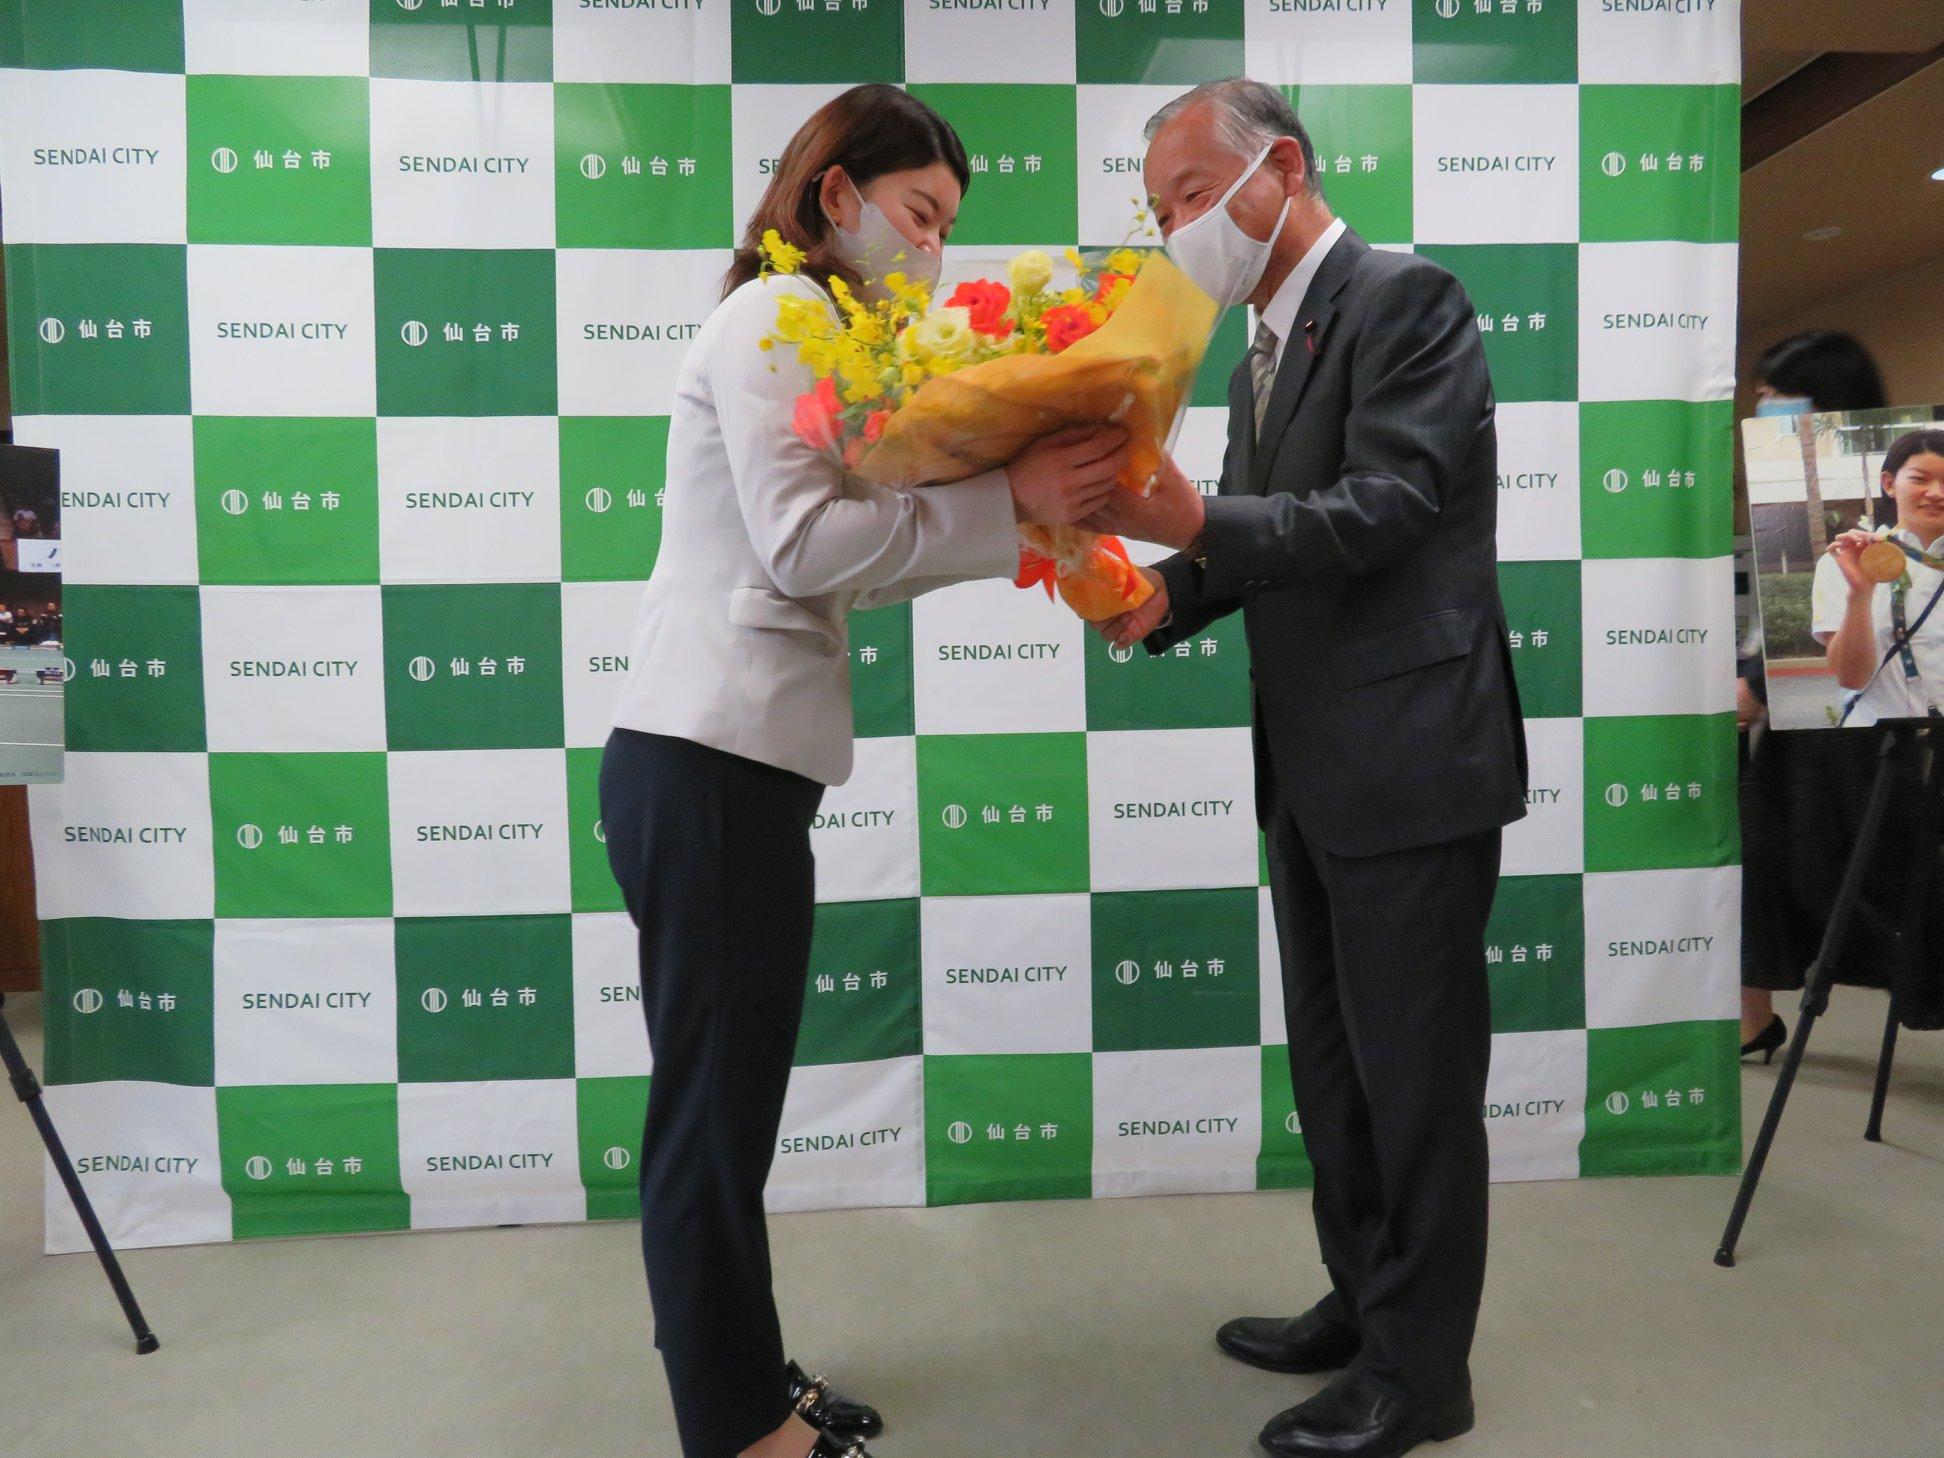 リオオリンピック、バドミントン競技金メダリストの高橋礼華選手が引退の挨拶に来訪されました